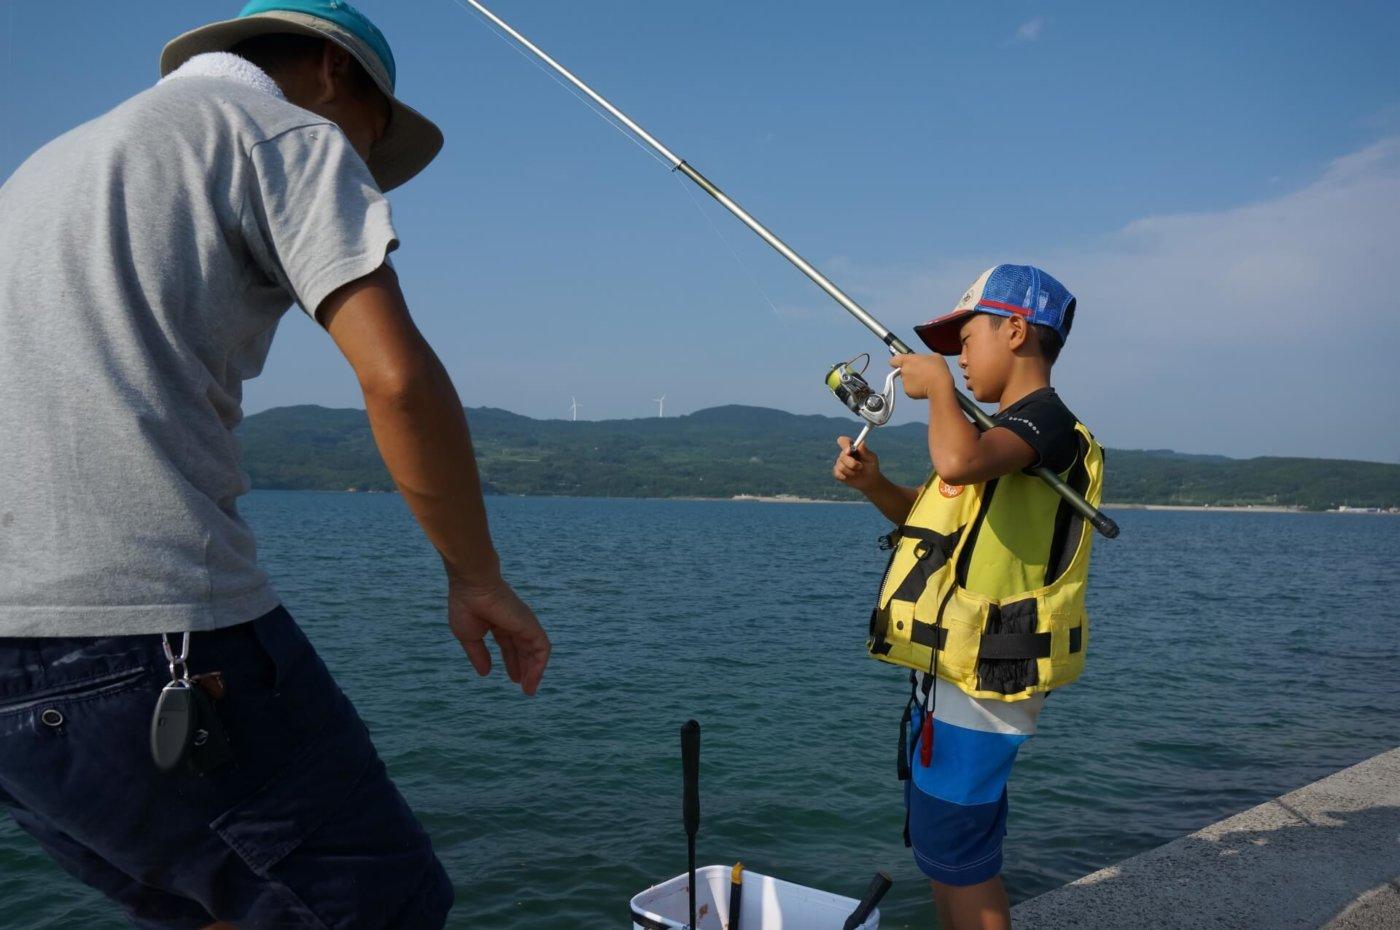 姫路のおすすめ釣りスポット5選!良いポイントを知ってたくさん魚を釣りましょう